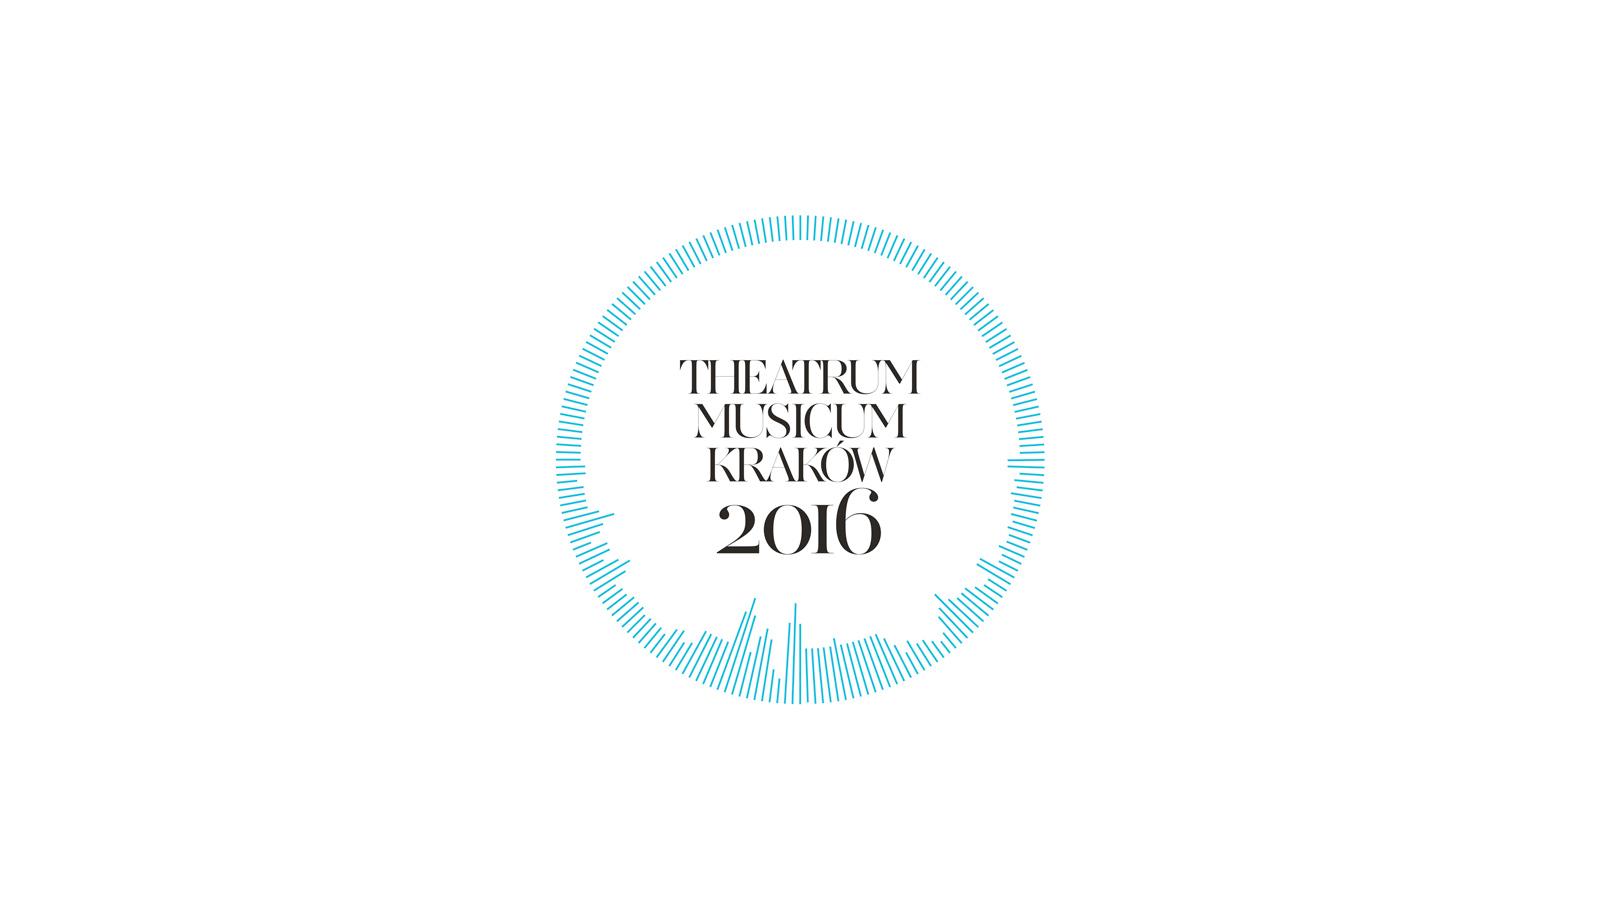 Theatrum Musicum 2016